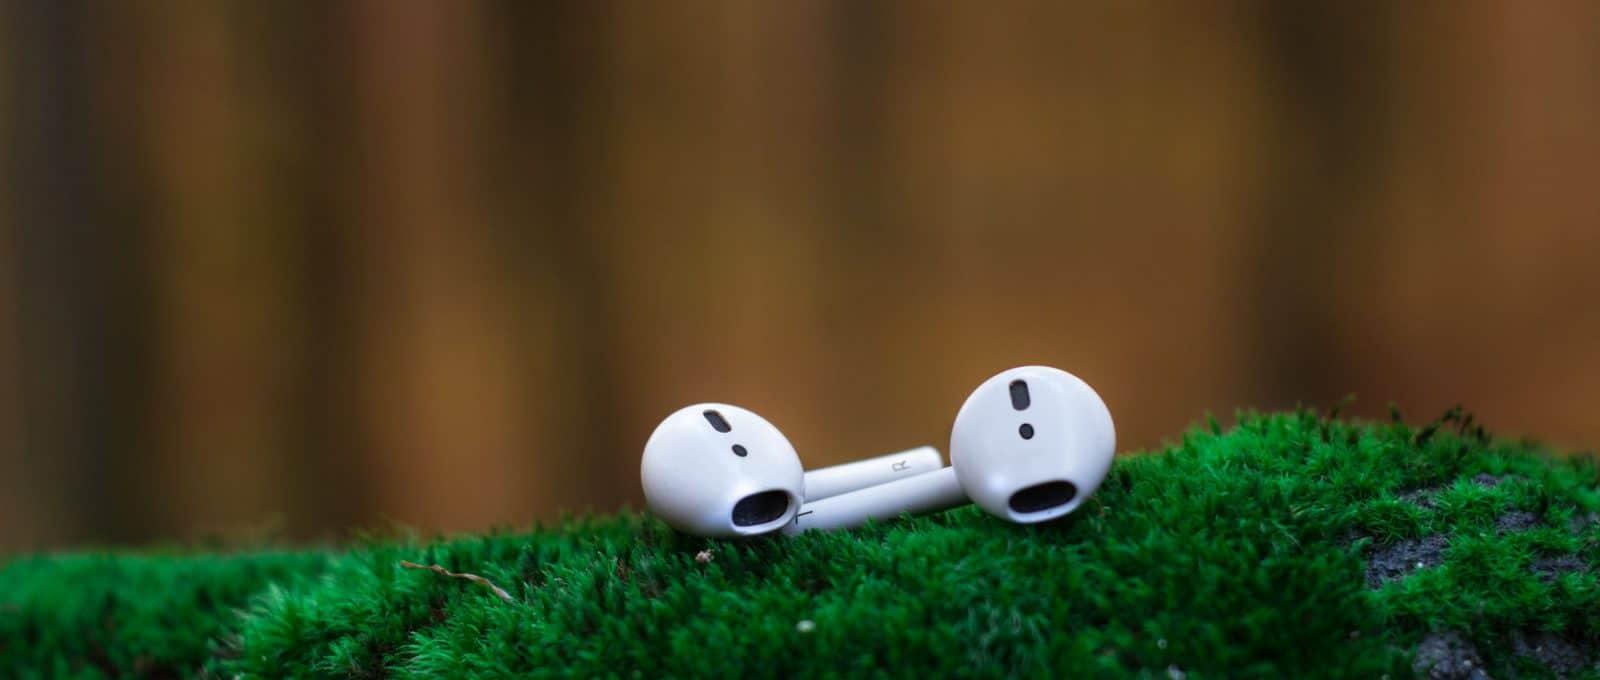 La technologie très haut de gamme avec les écouteurs sans fil Louis Vuitton